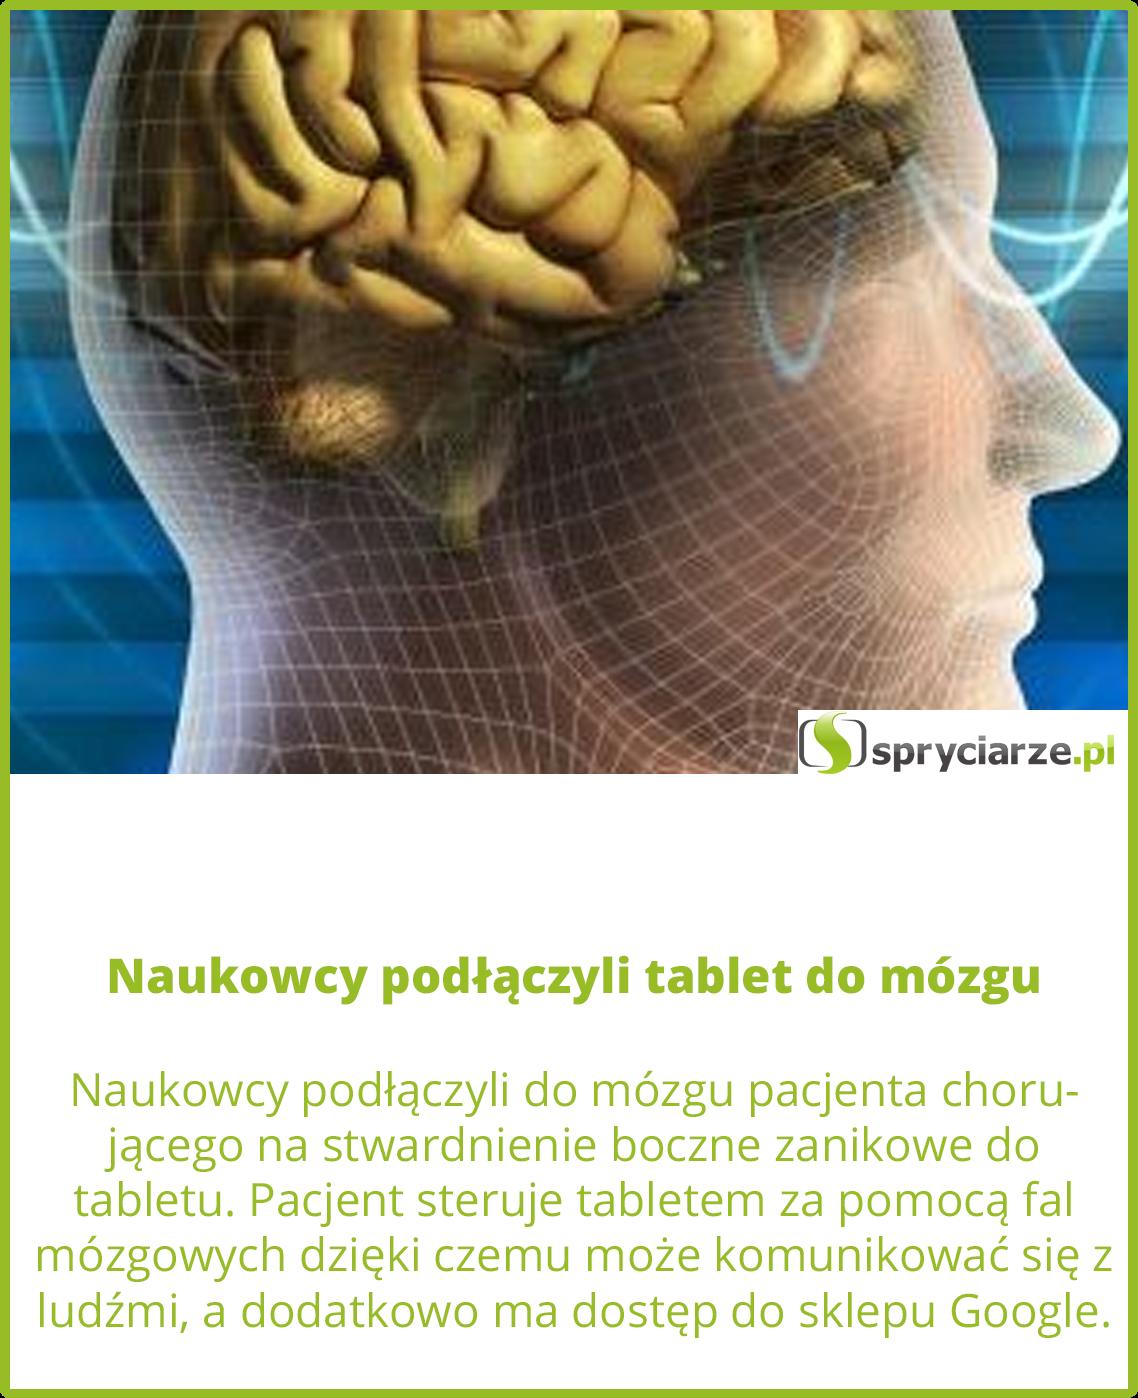 Naukowcy podłączyli tablet do mózgu